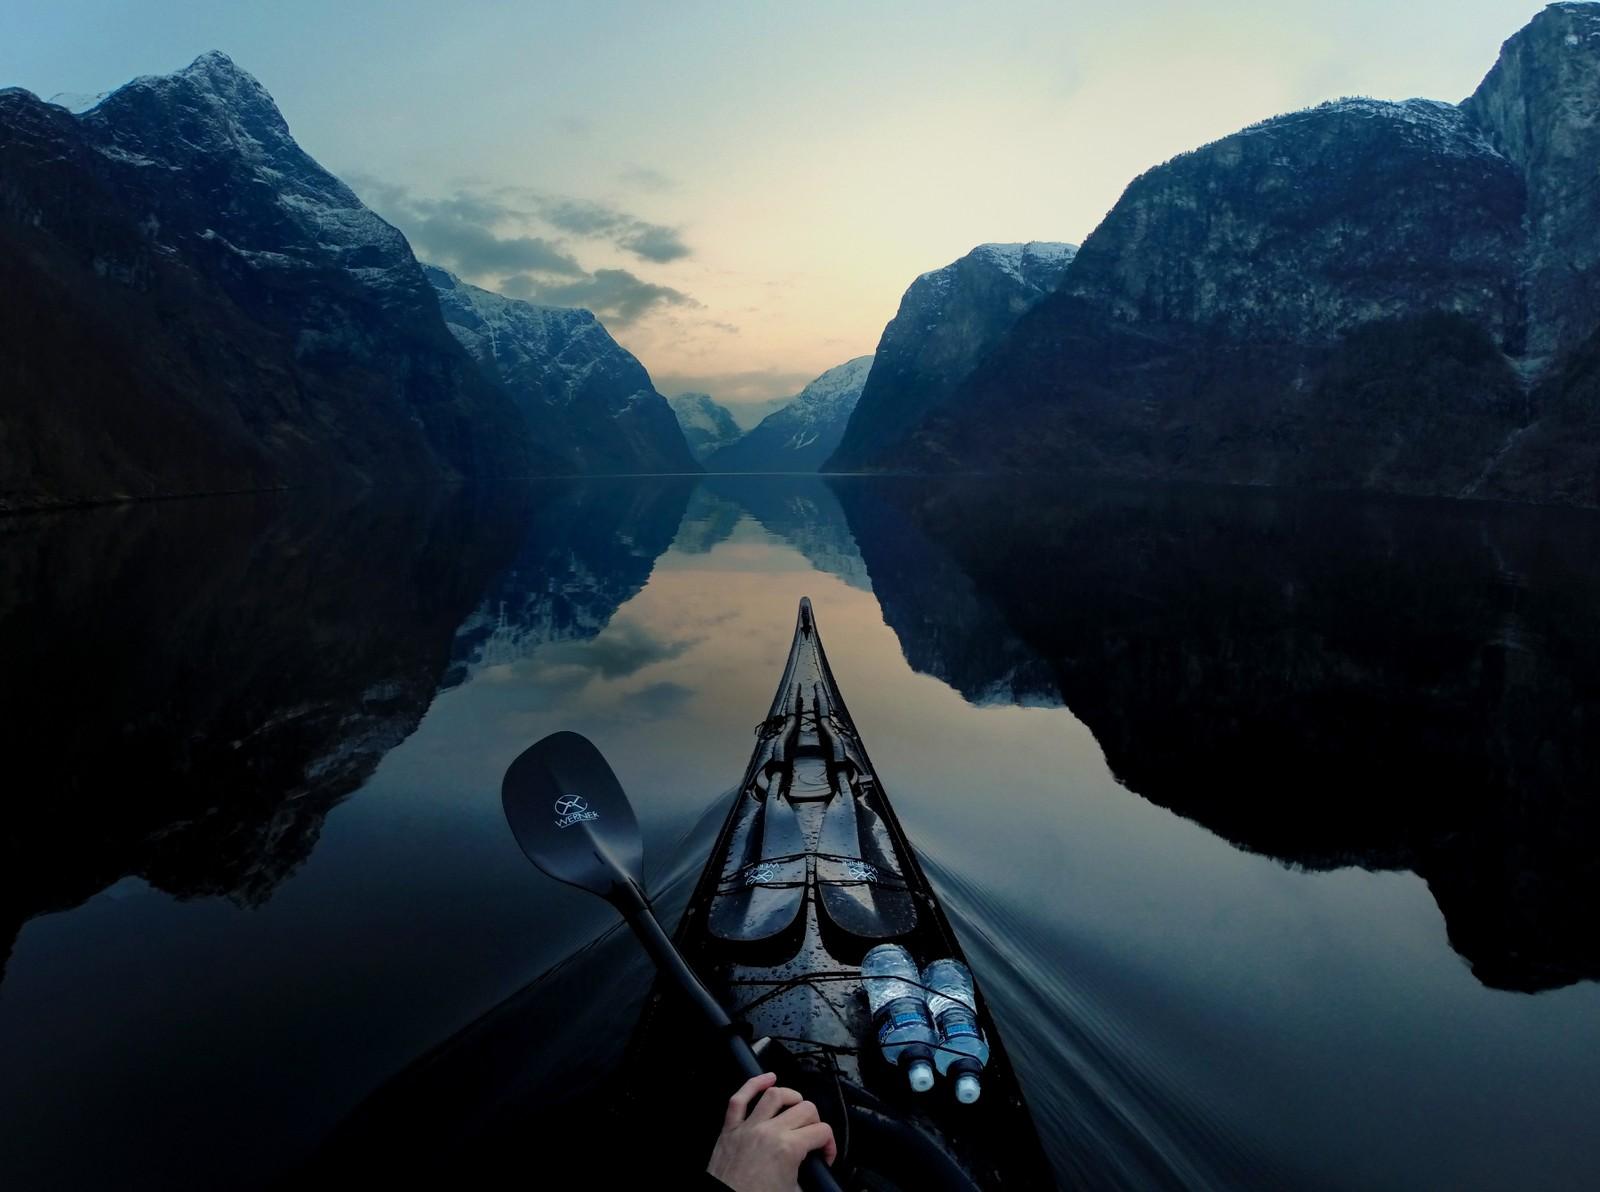 NÆRØYFJORDEN: Det bildet som den engasjerte kajakkpadleren kanskje er mest fornøyd med, er dette fra Nærøyfjorden.